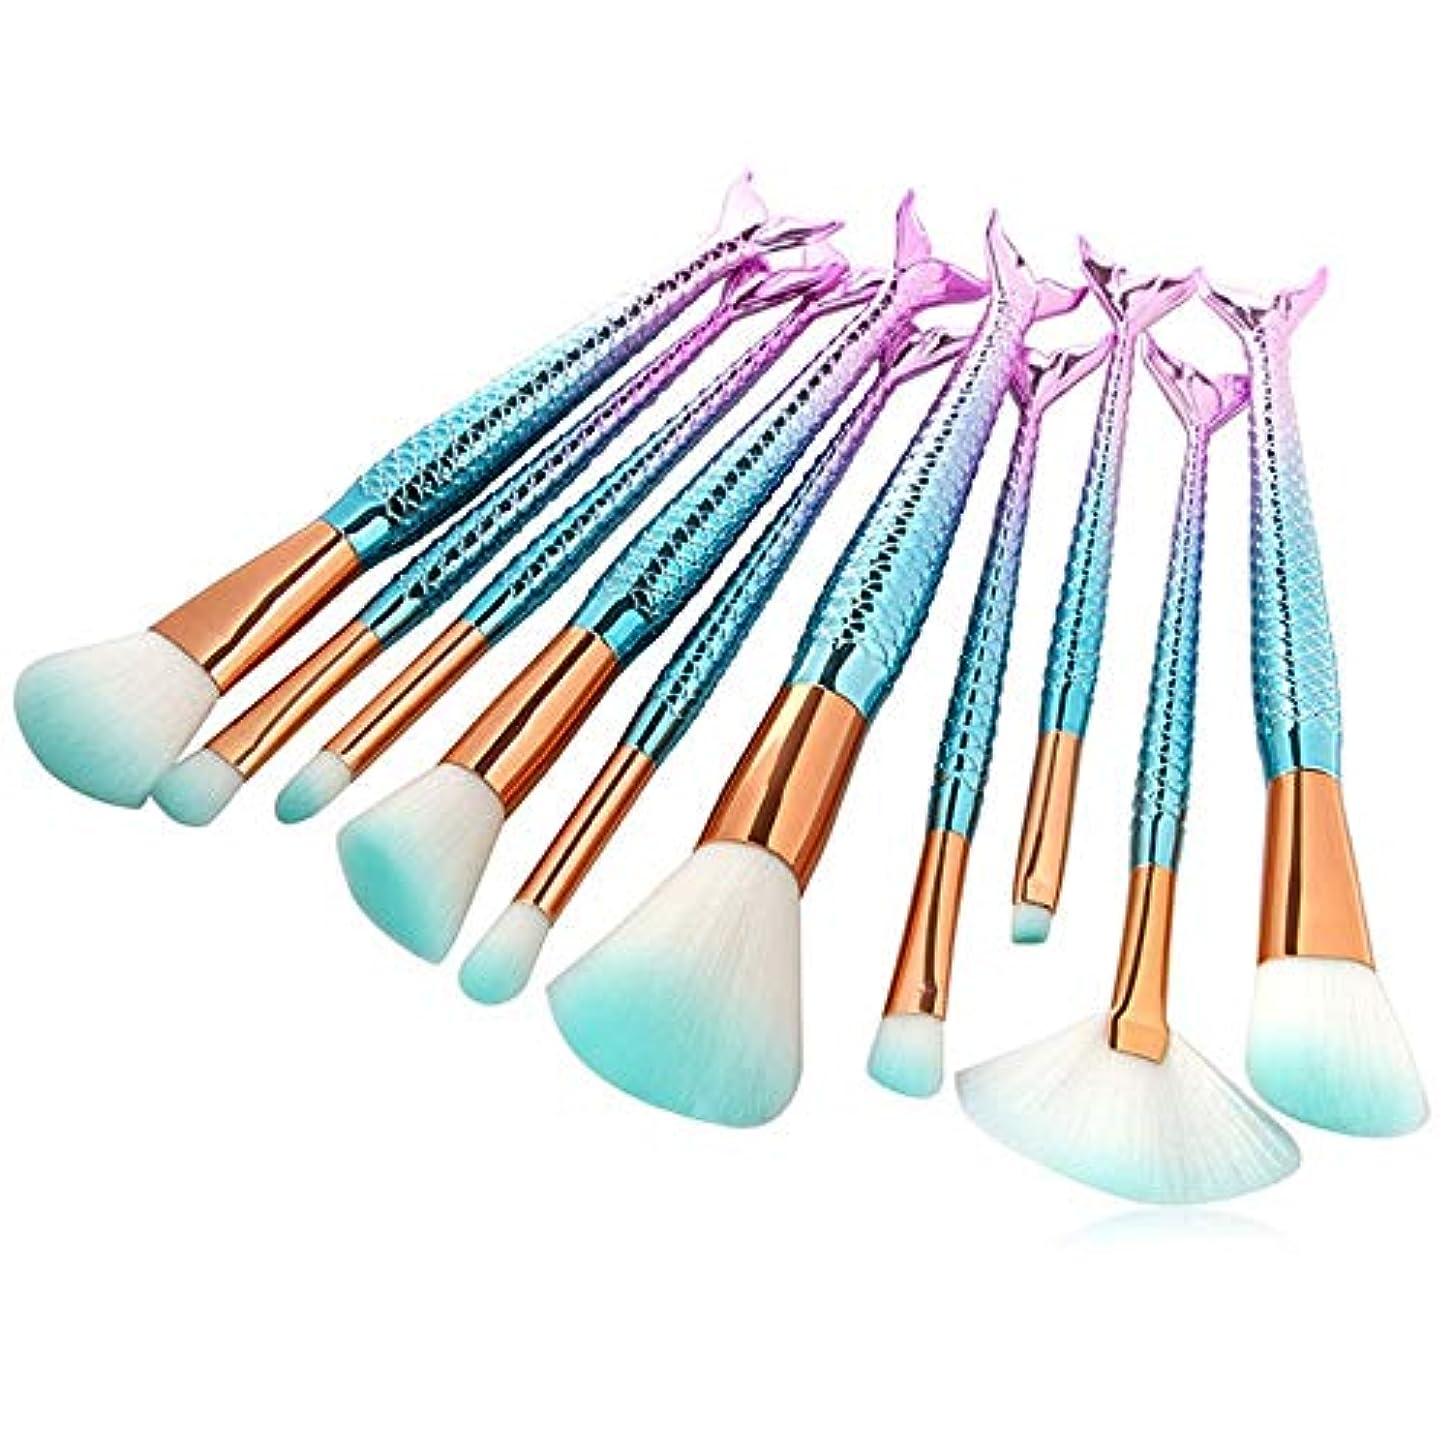 辞書ぴったり等しいMakeup brushes 10個マーメイドブラシメイクアップキット美容ツールフィッシュテールカブキブラシクリーナーレインボーアイシャドウブラッシュパウダーフェイスブラシリグ suits (Color : Blue Gradient)